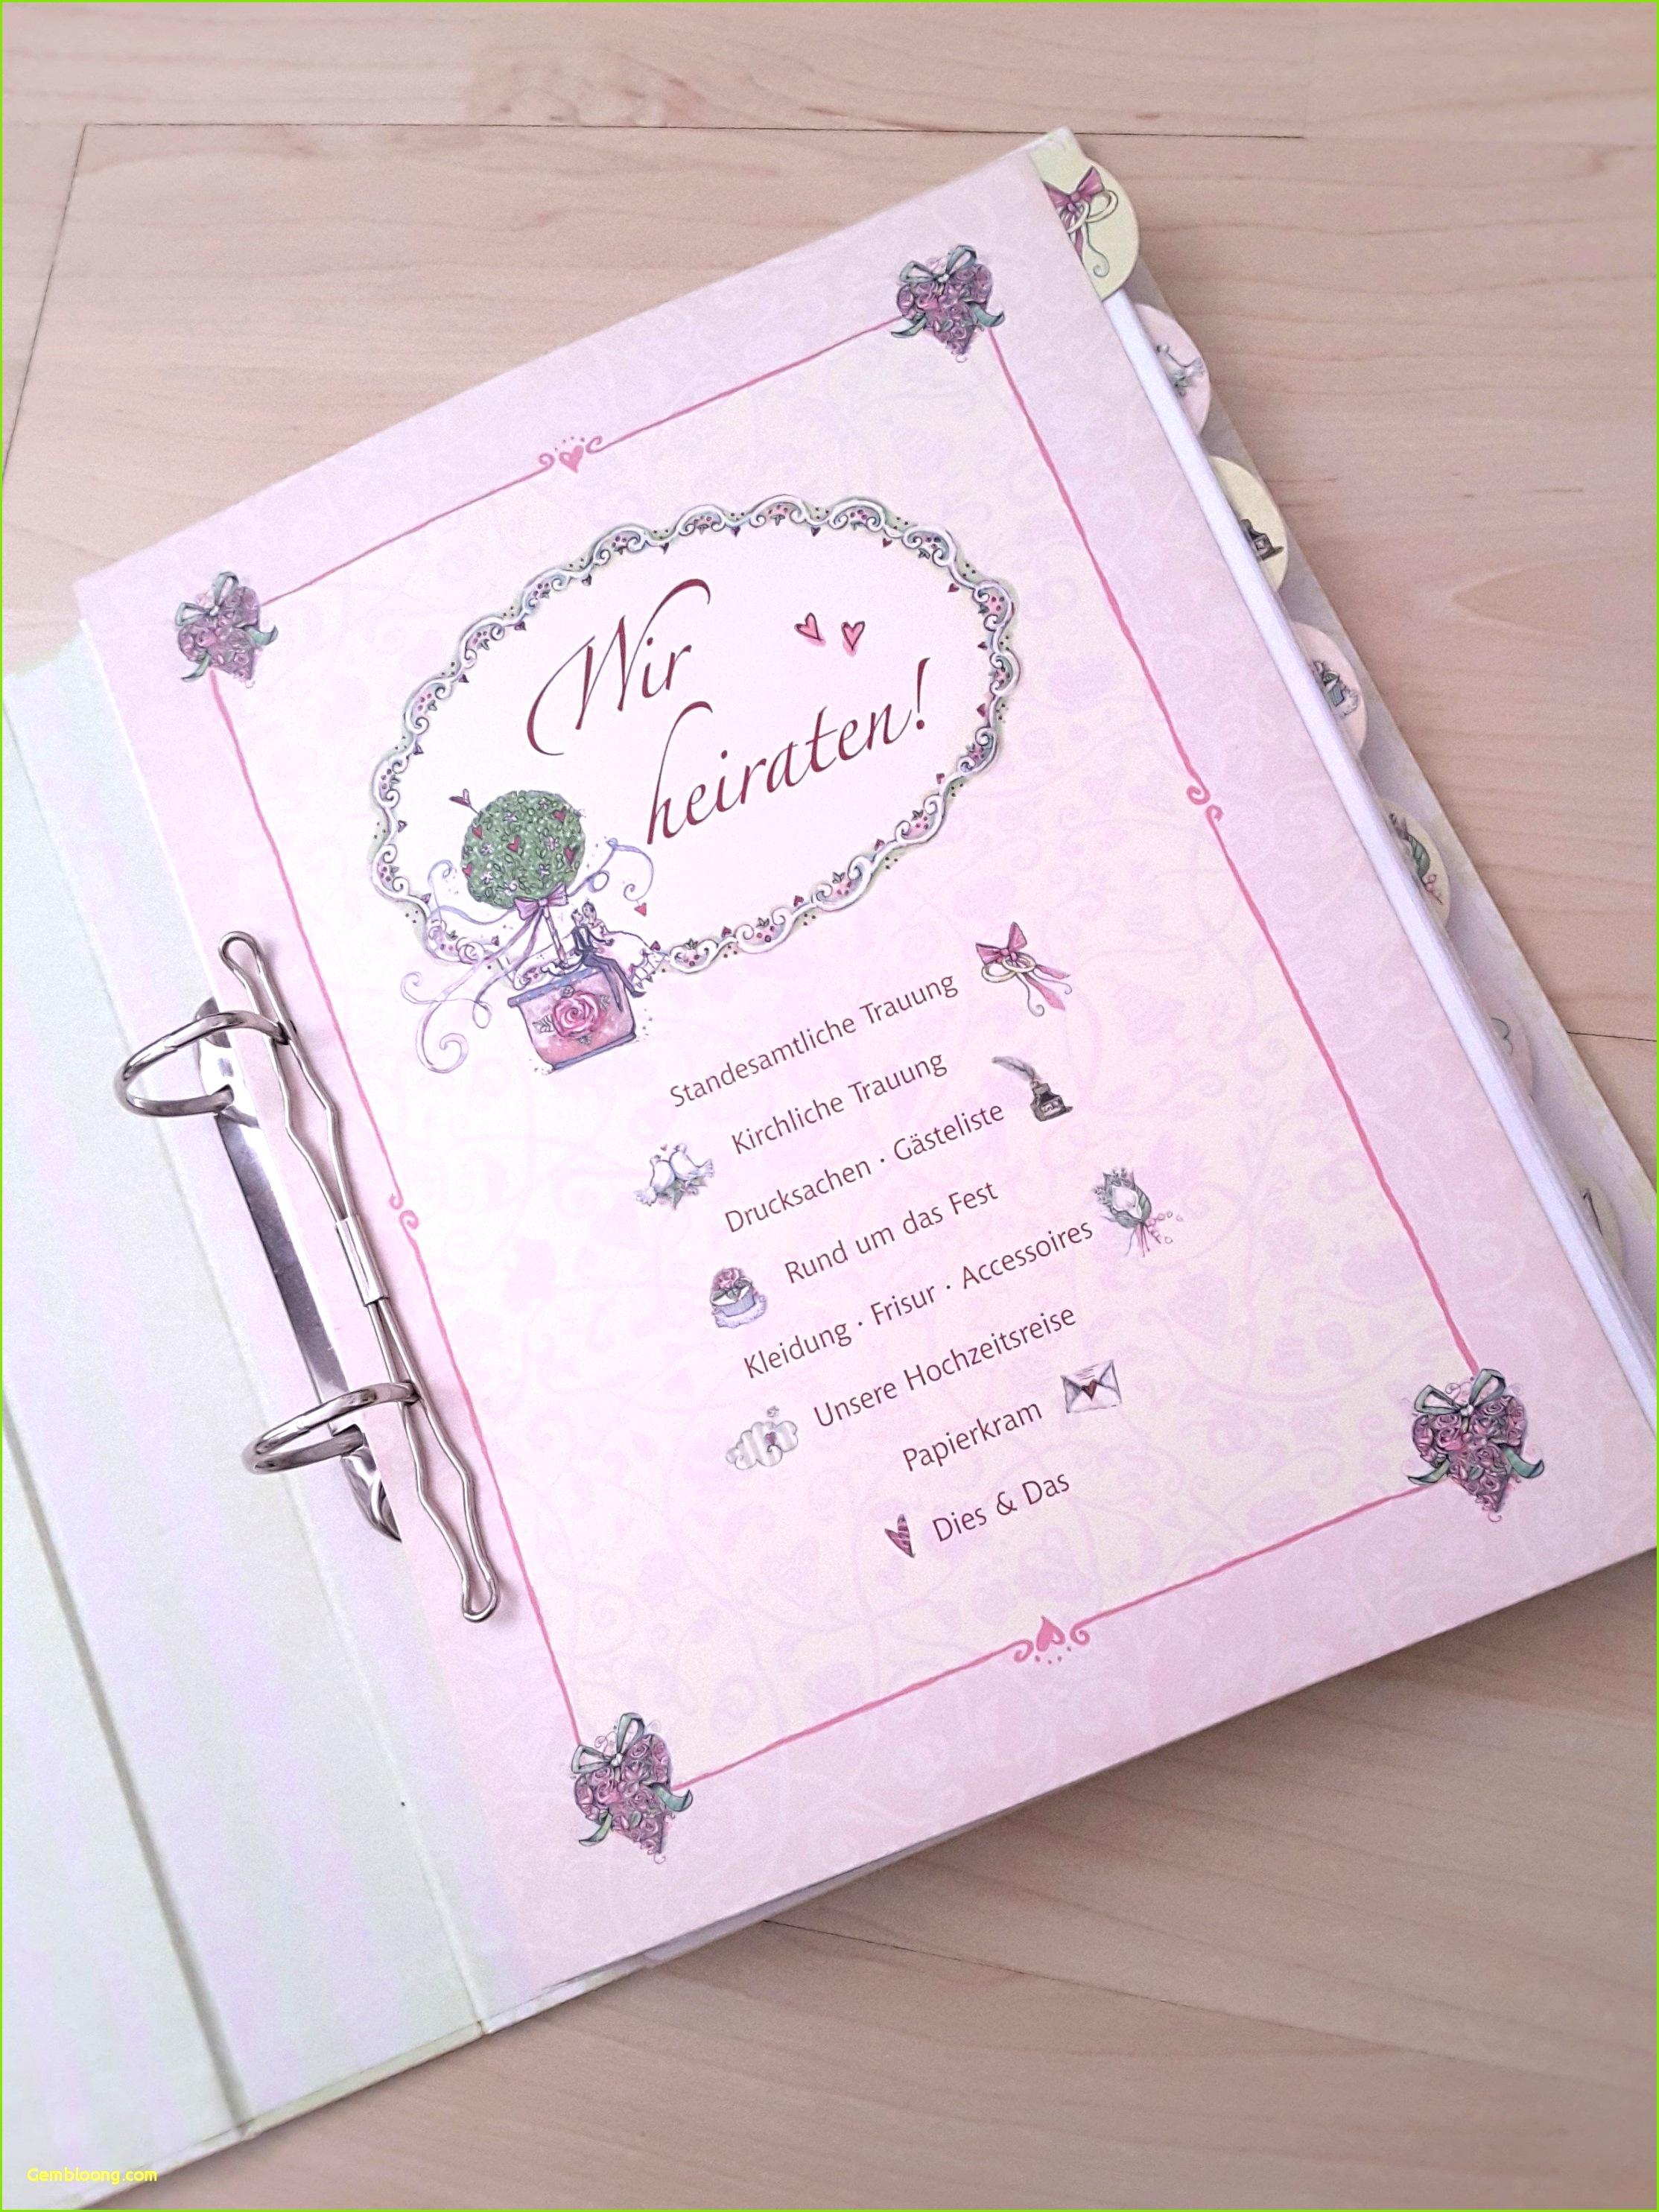 Einladung Hochzeit Text Keine Blumen Einladungskarten Hochzeit Rosa Neue Probe Media Image 0d 59 82